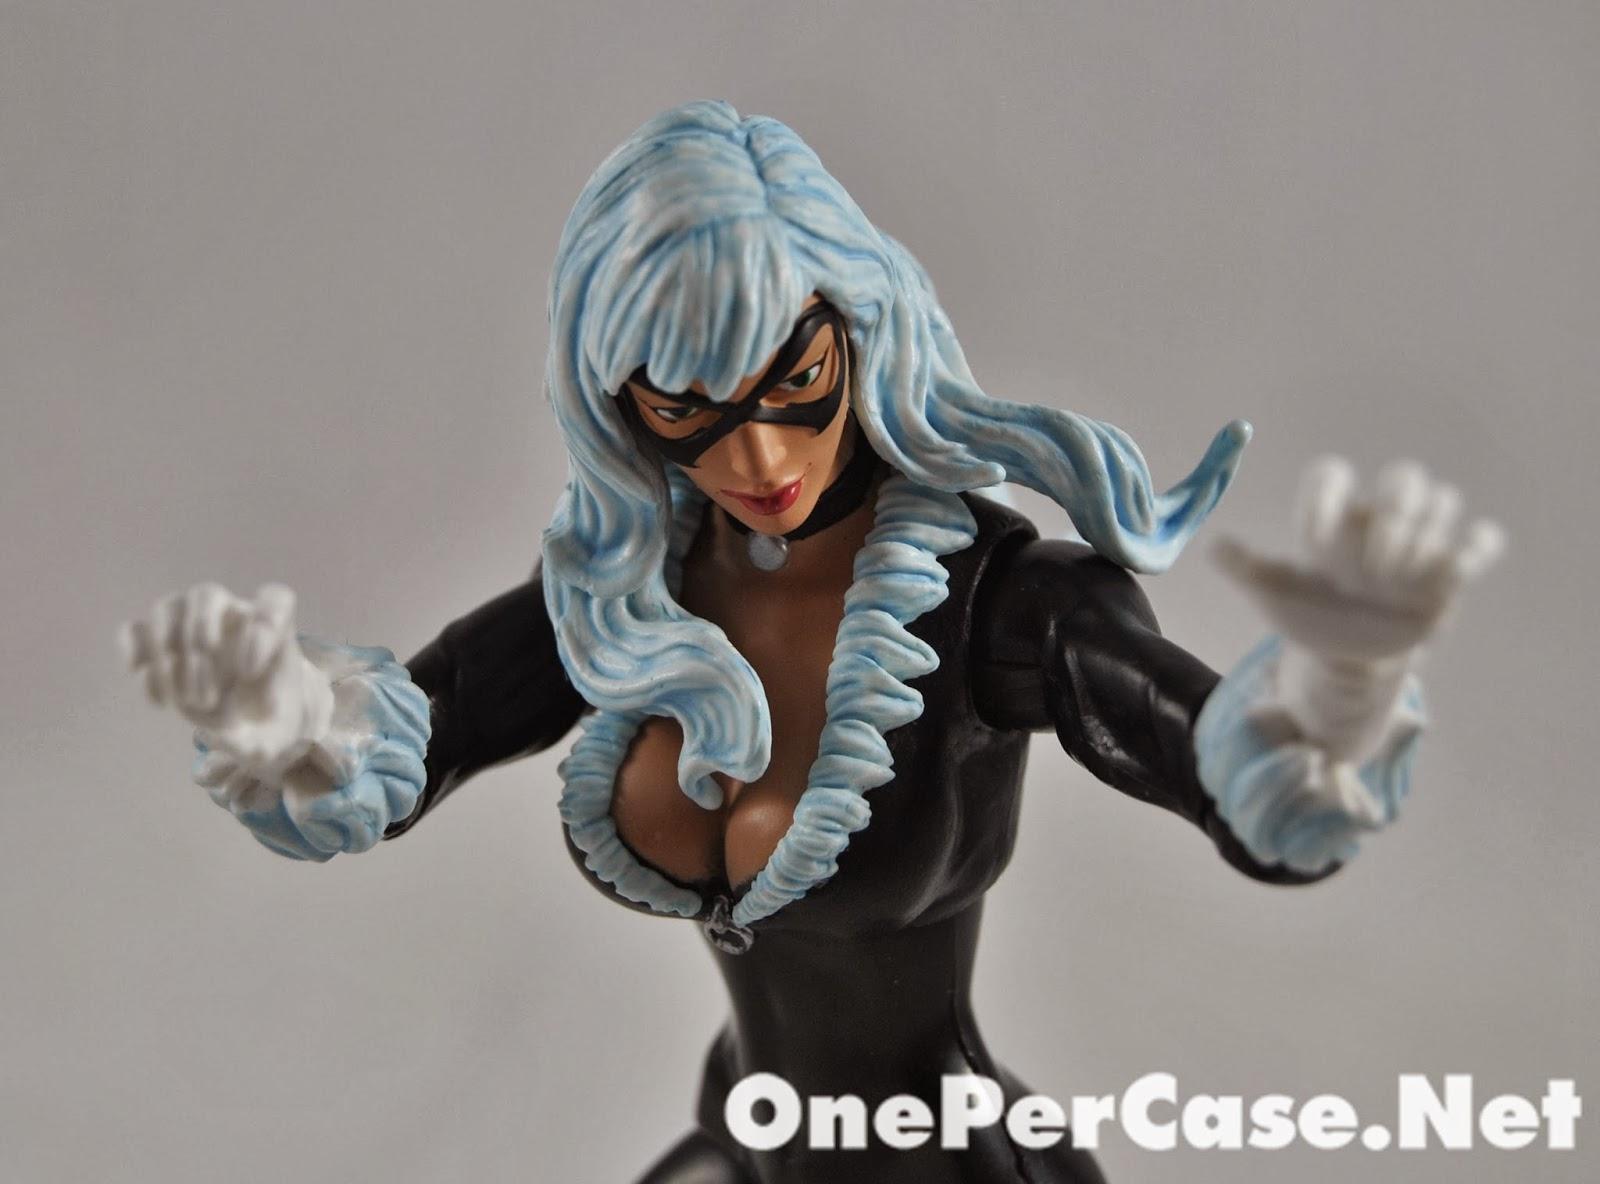 One Per Case: Black Cat - Amazing Spider-Man 2 Marvel ... The Amazing Spider Man 2 Black Cat